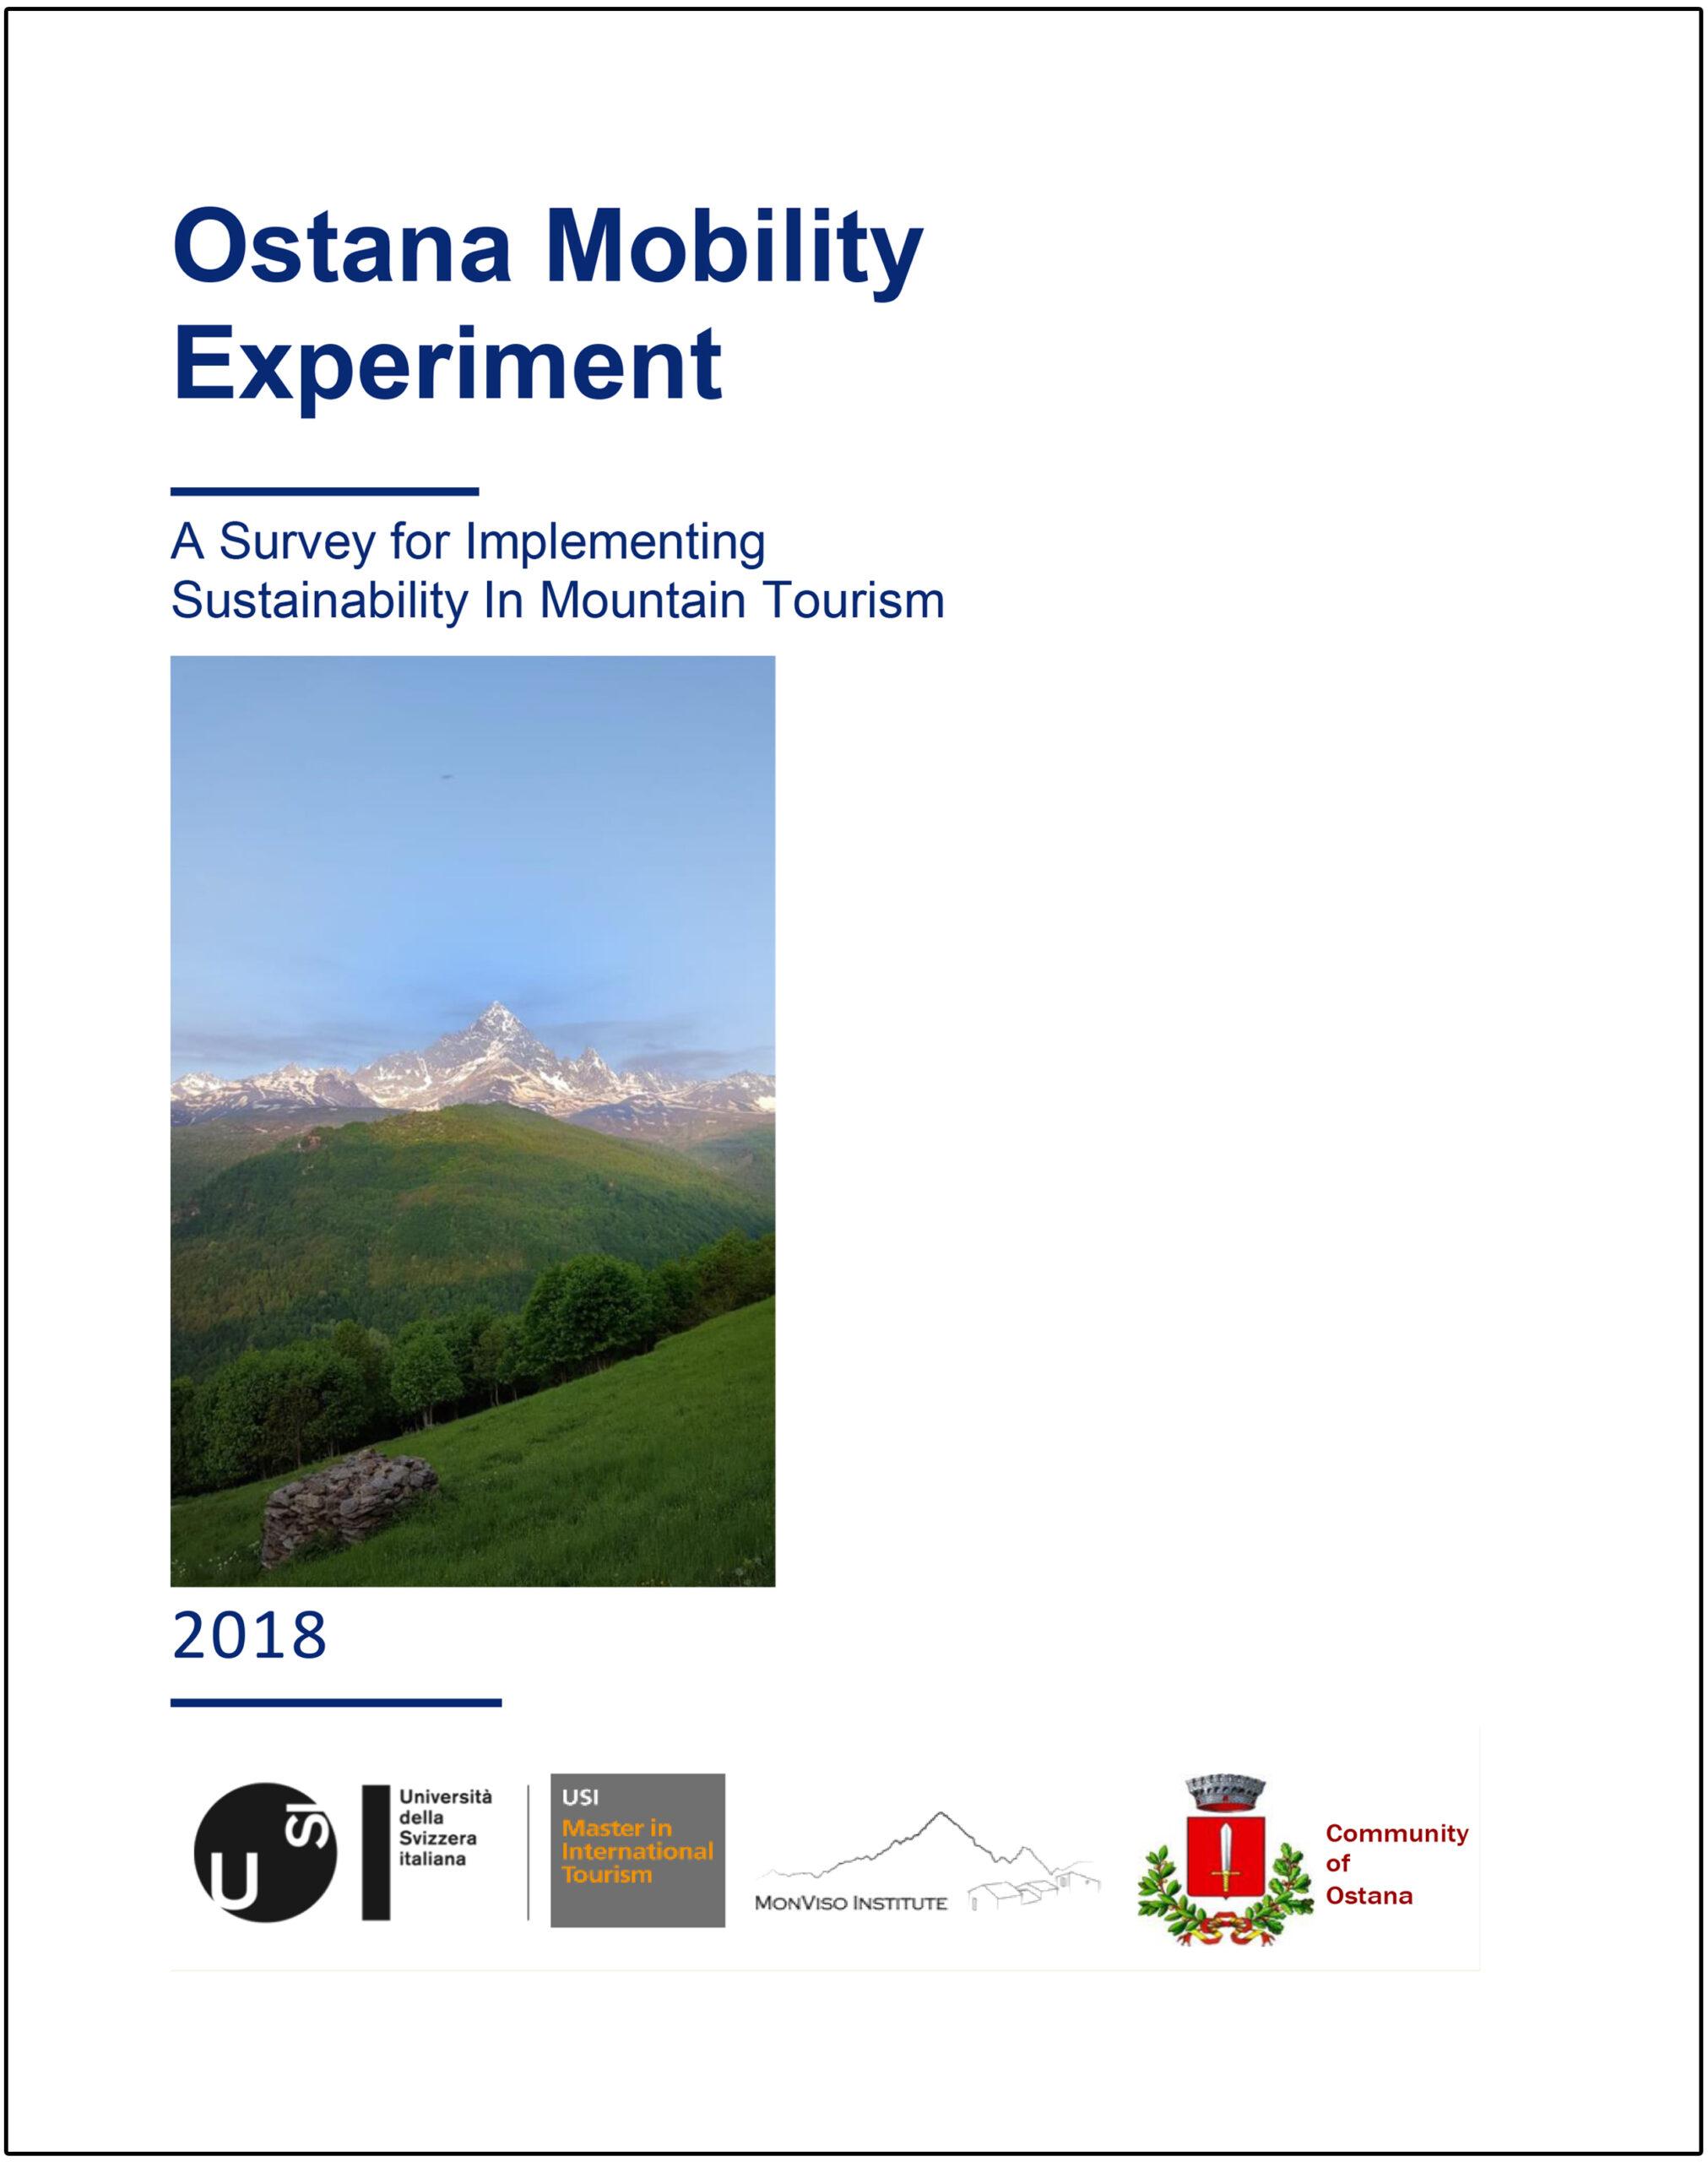 Ostana-Mobility-Experiment-2018-1